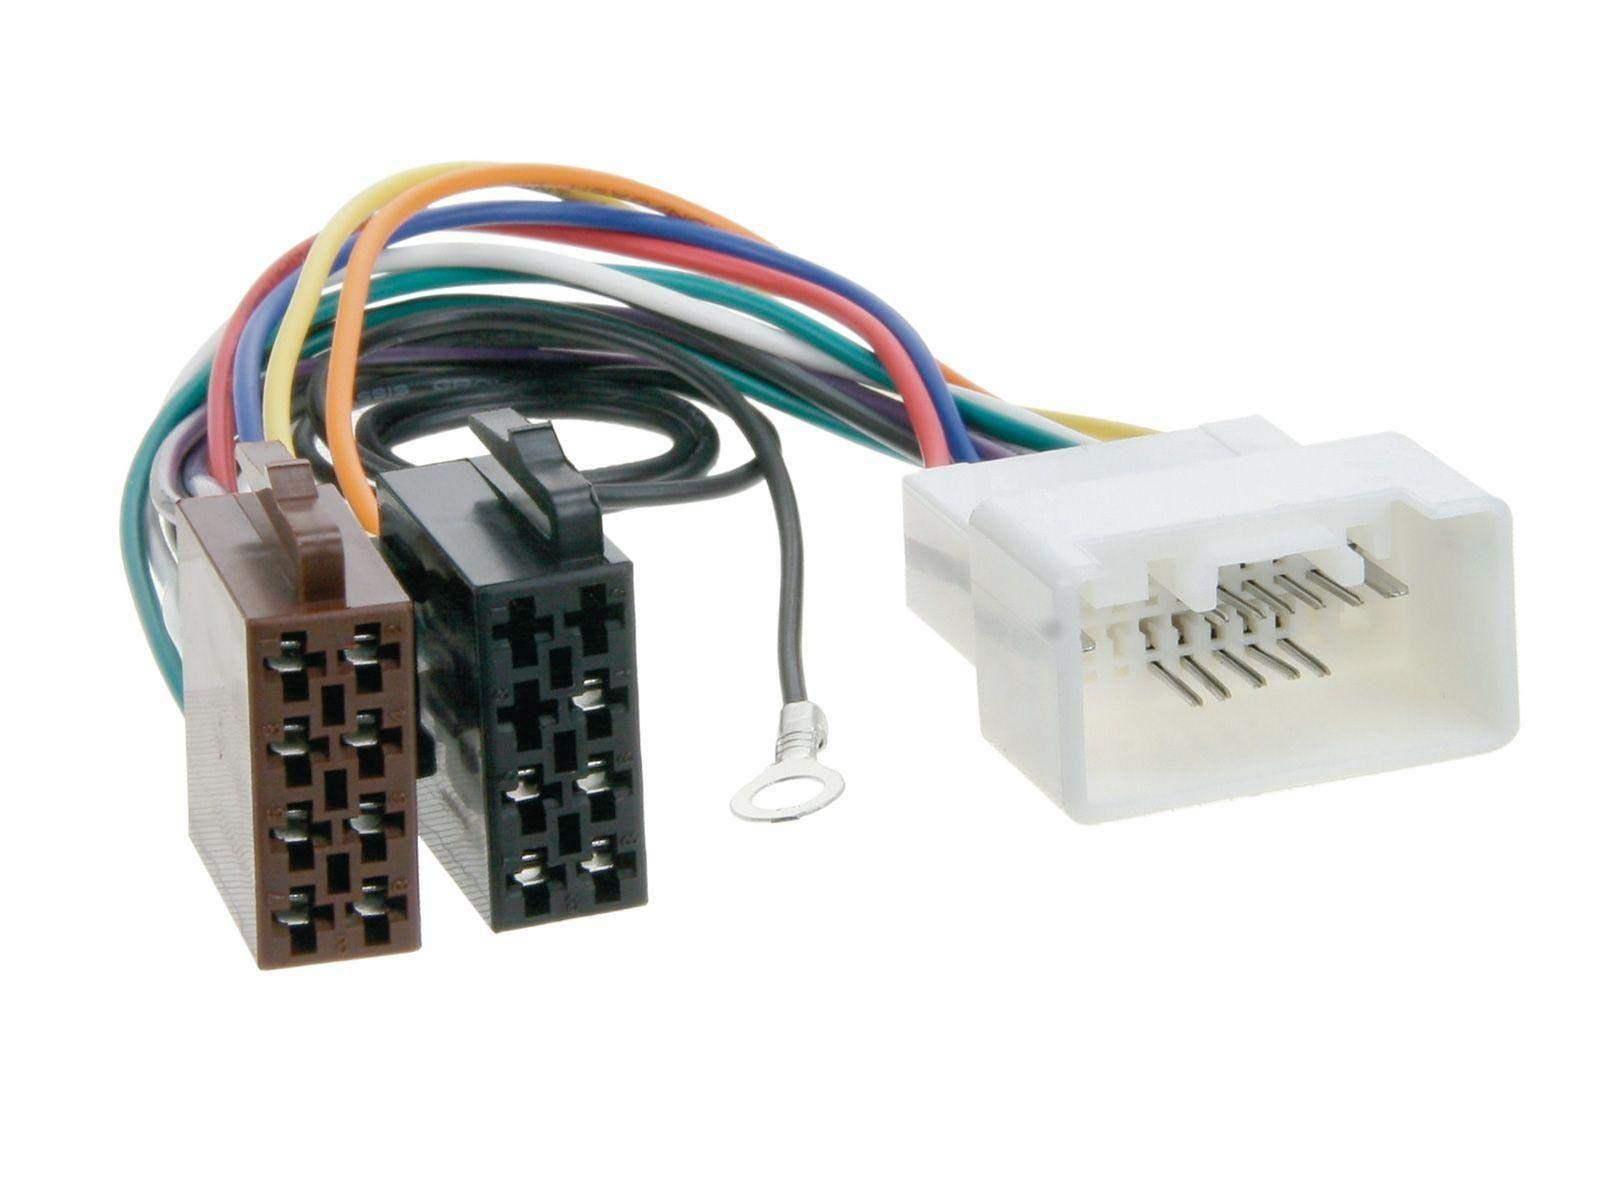 caraudio24-Pioneer-MVH-S520DAB-Bluetooth-USB-MP3-DAB-Autoradio-fr-Mitsubishi-Space-Star-A00-ab-13-Ablagefach